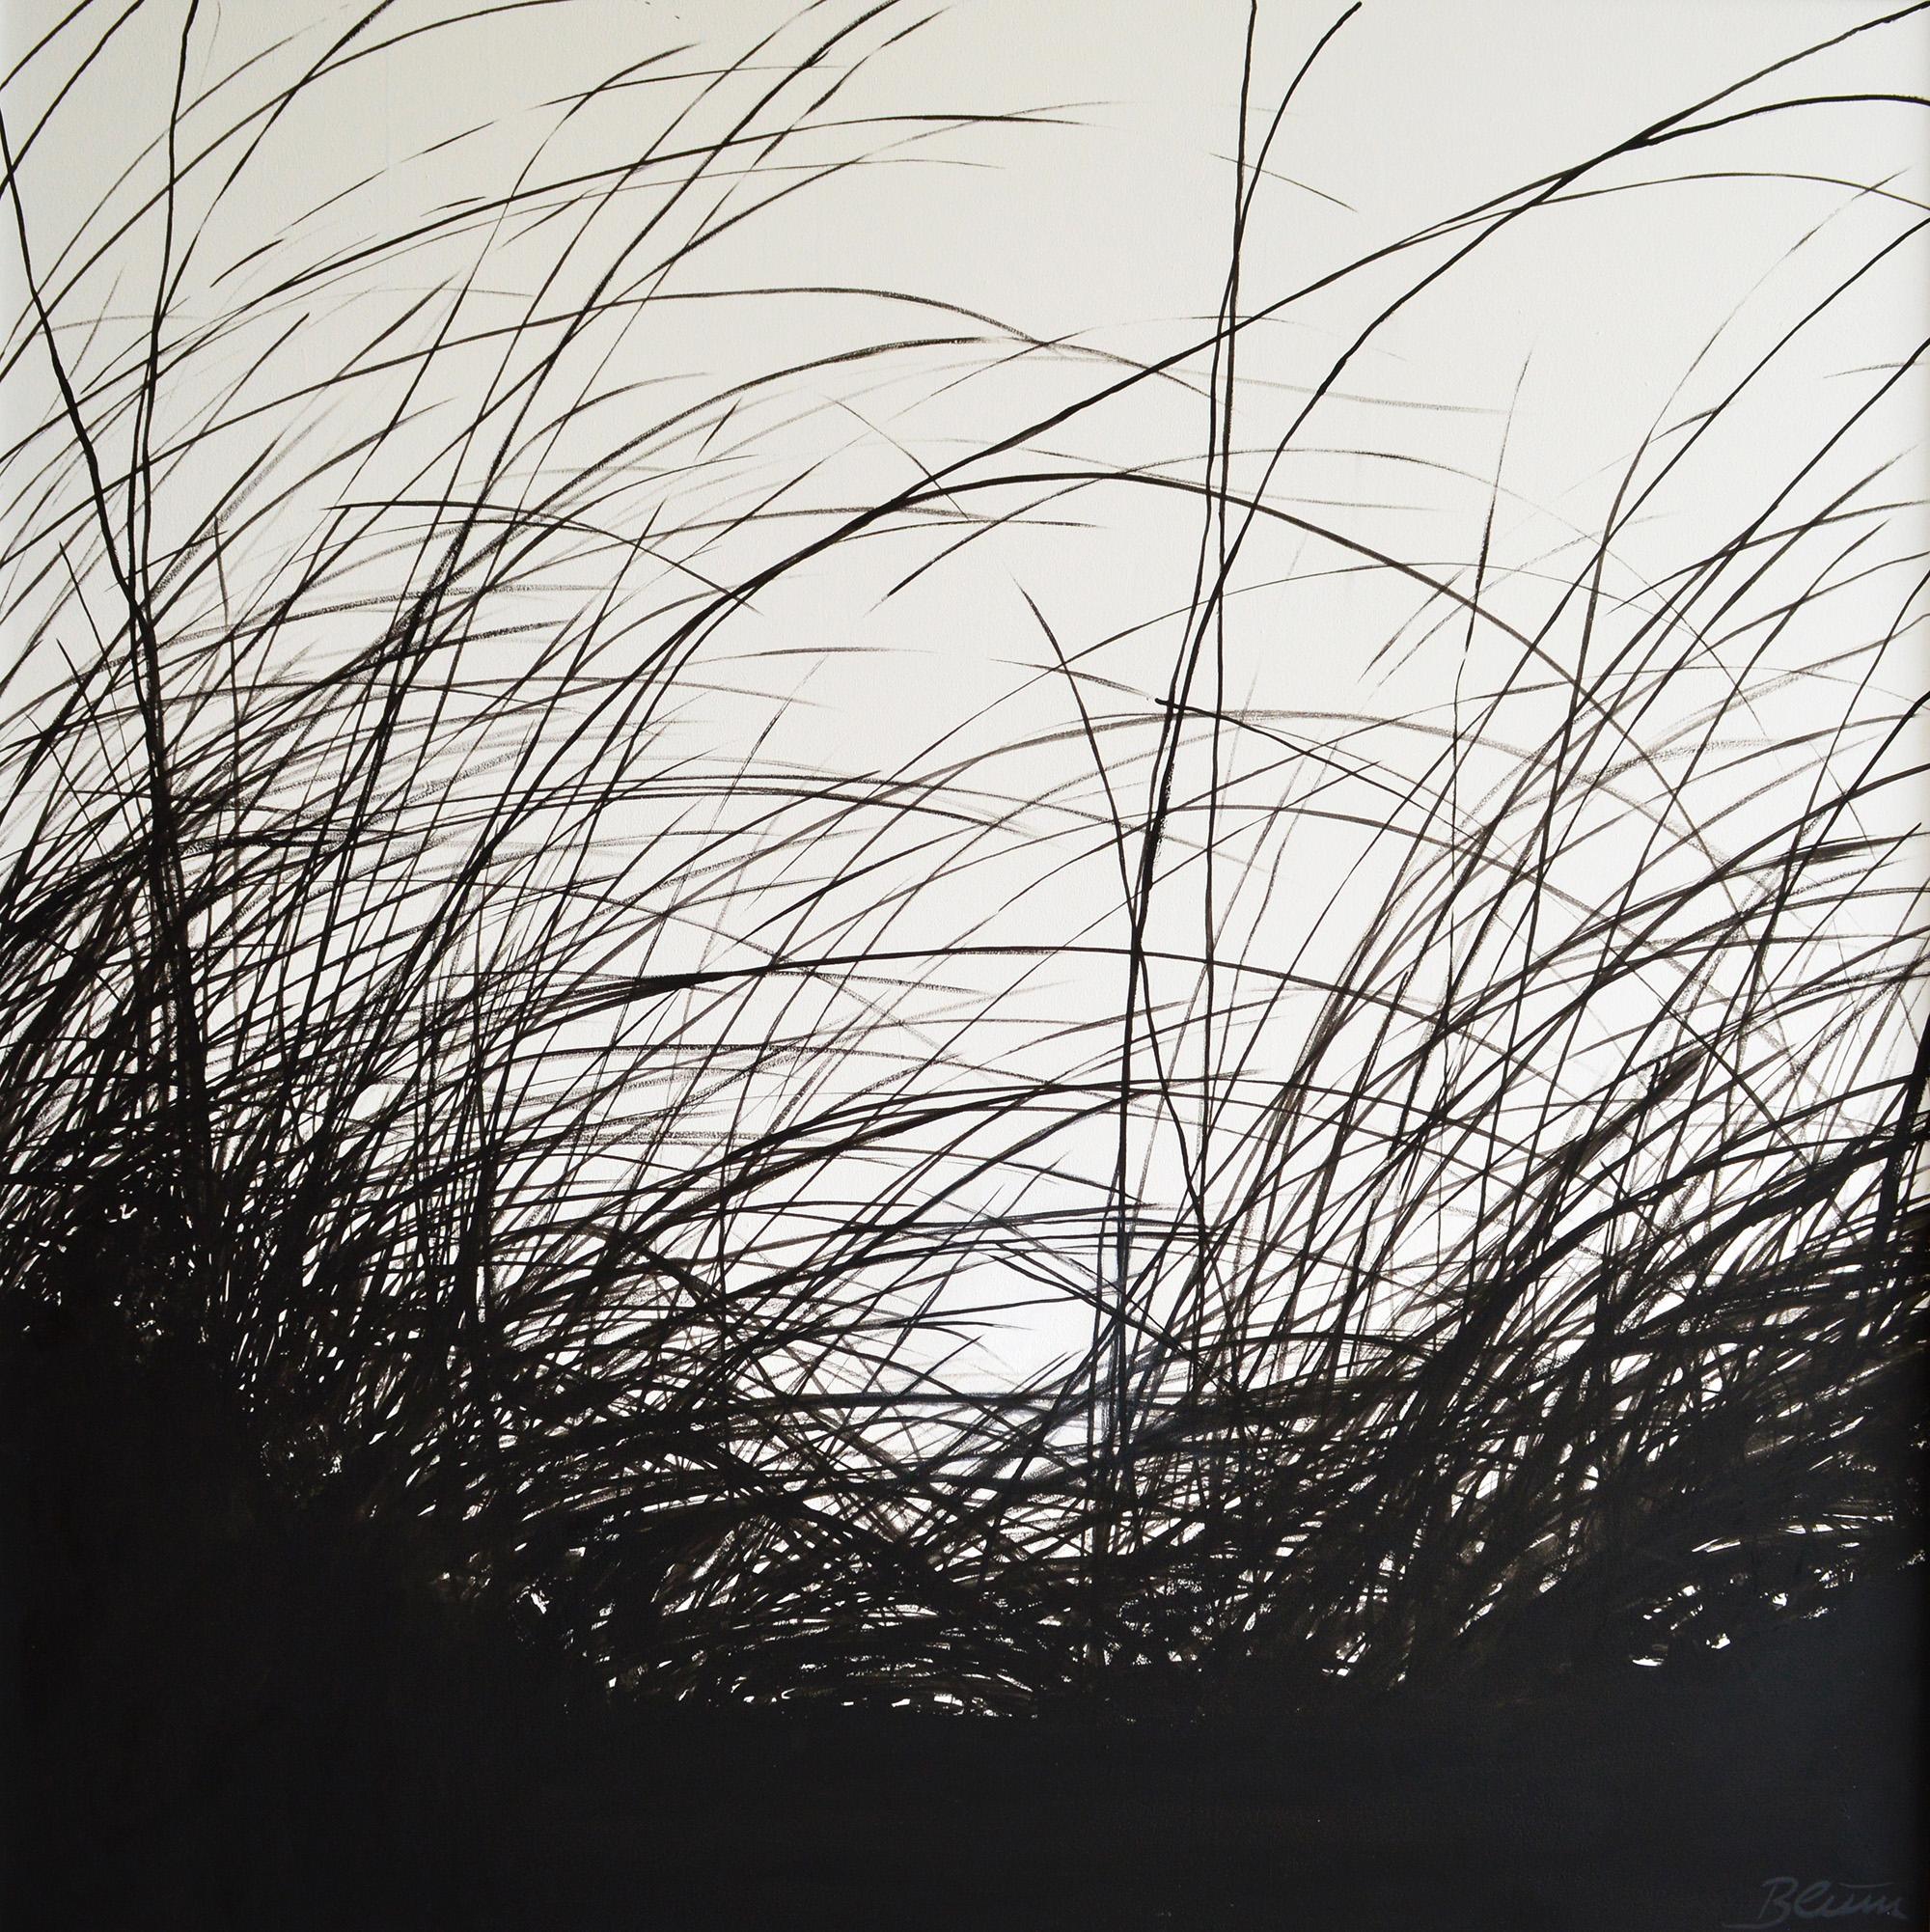 Barfuß, 100 x 100 cm, Öl/Holz